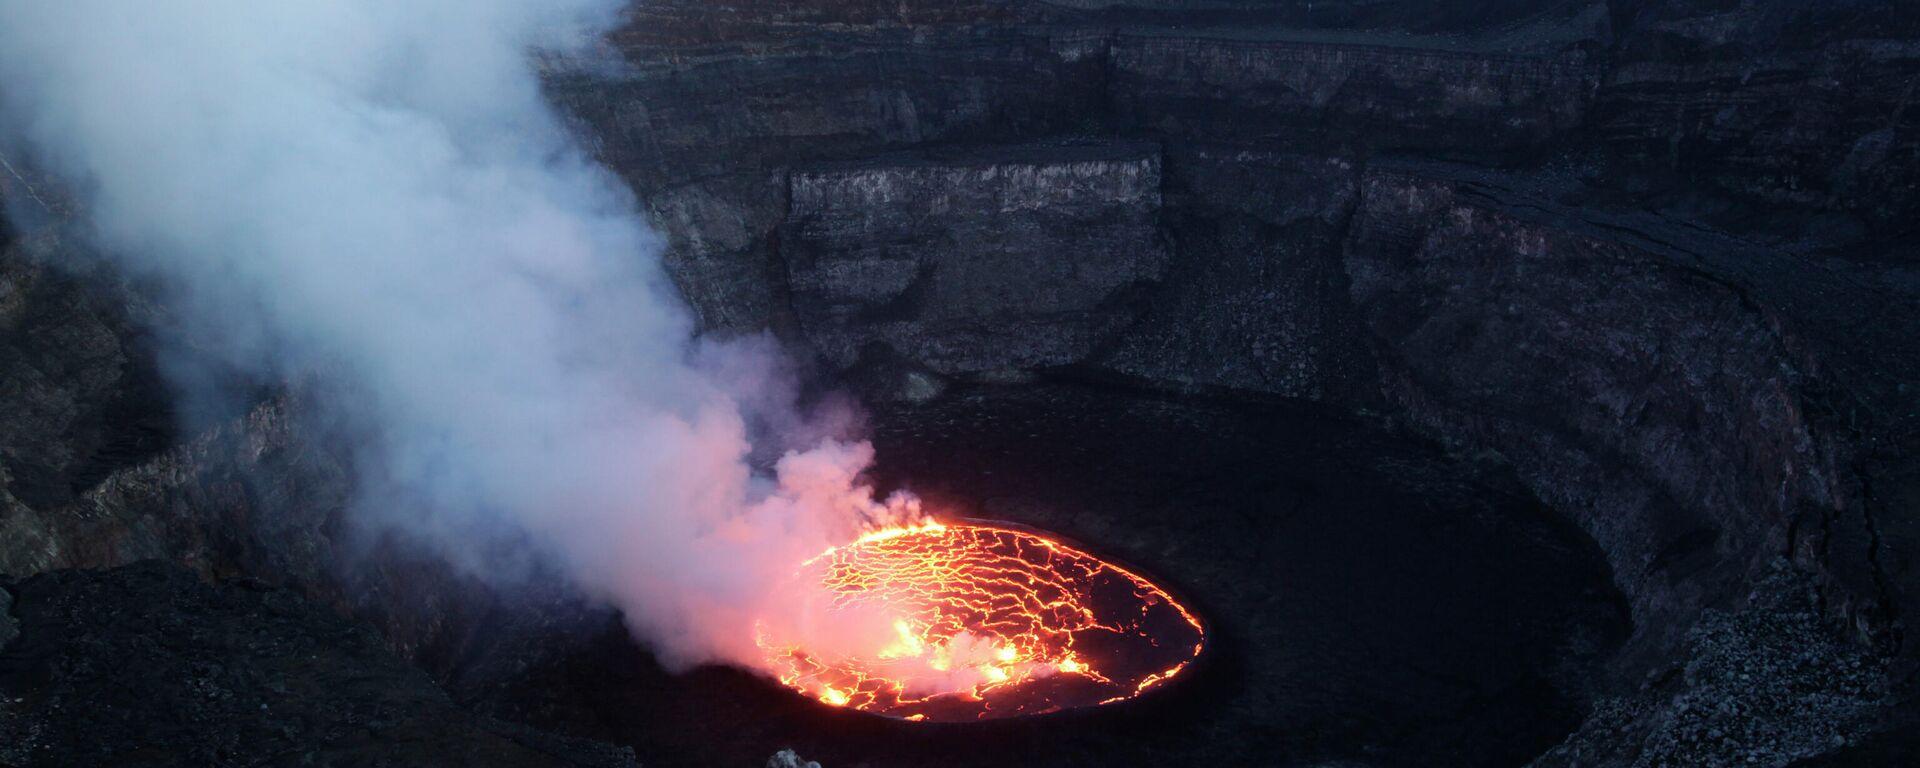 Auf diesem Foto vom 31. März 2010 steigt Rauch aus dem aufgewühlten Magma im Lavasee des Mount Nyiragongo auf, einem der aktivsten Vulkane Afrikas, außerhalb von Goma im Kongo. (Archiv). - SNA, 1920, 22.05.2021